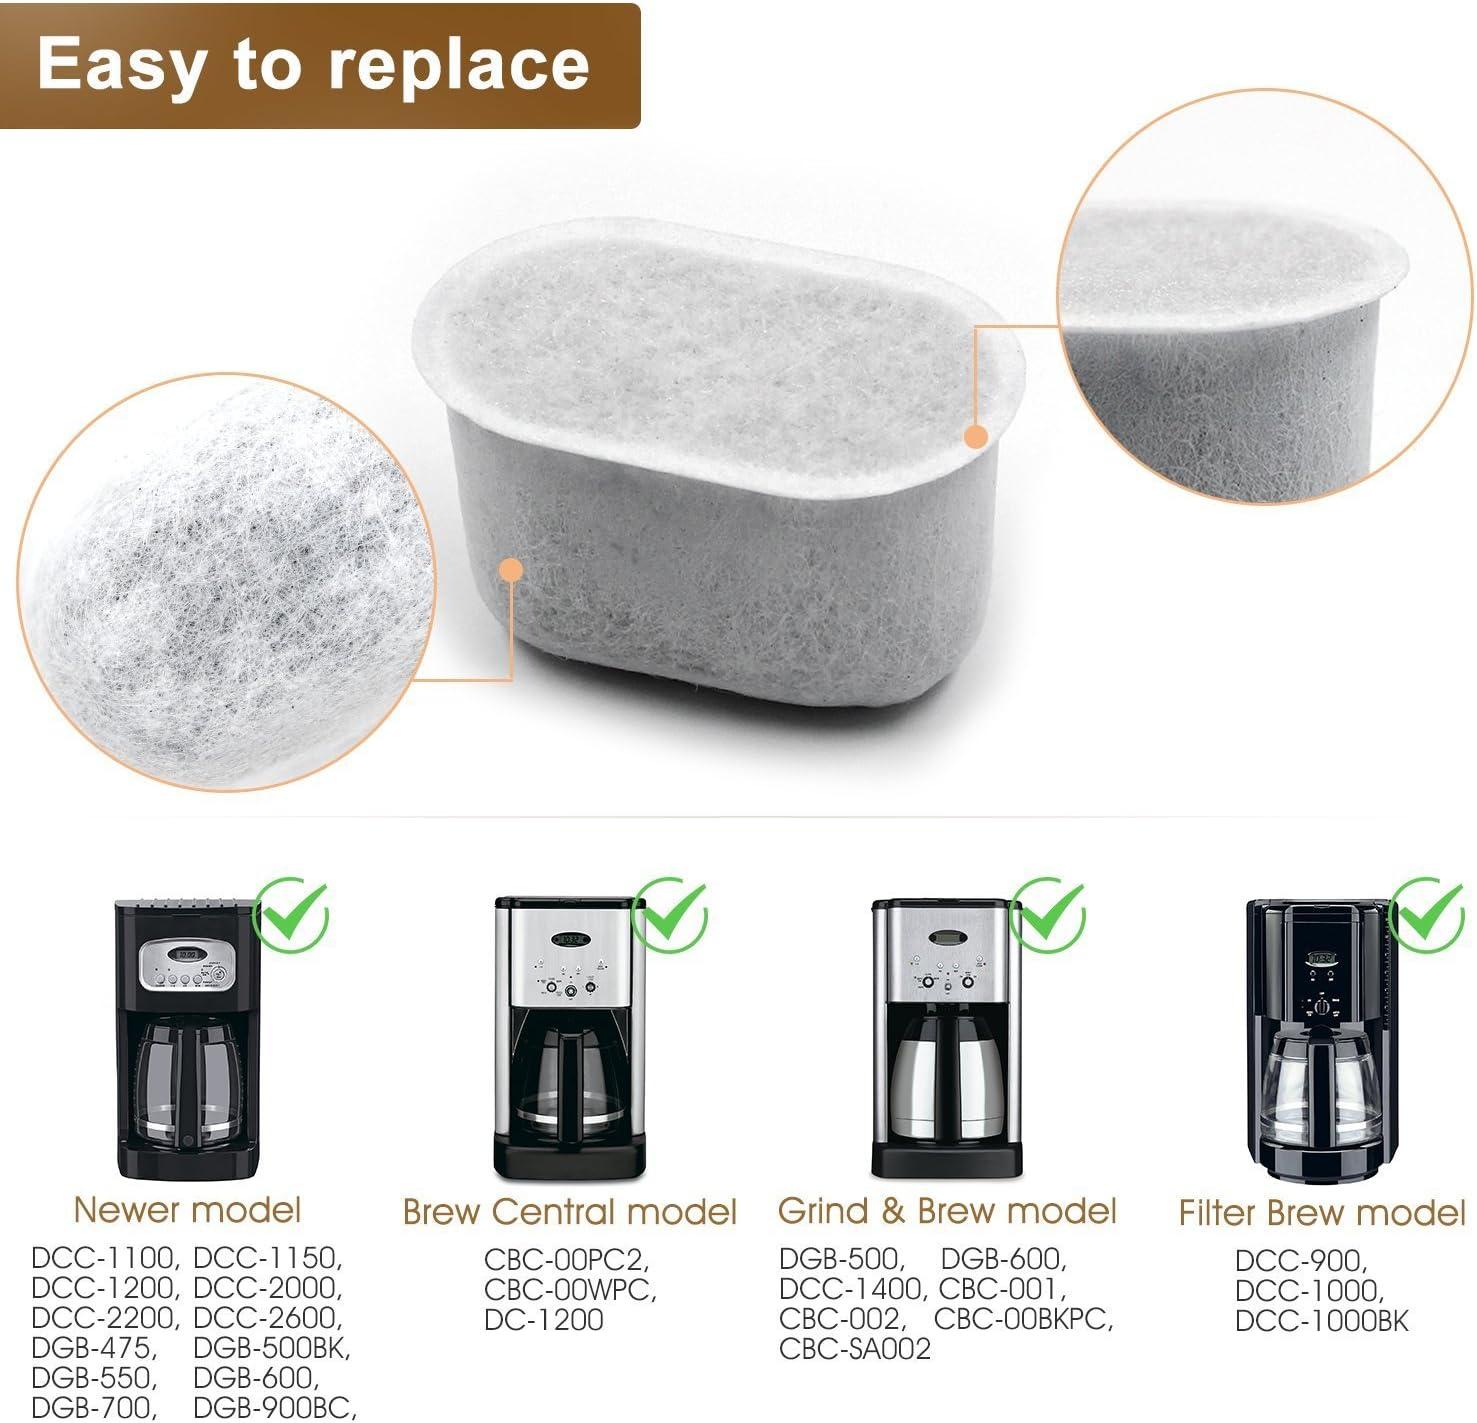 Amazon.com: Filtros de agua de carbón de repuesto para uso ...